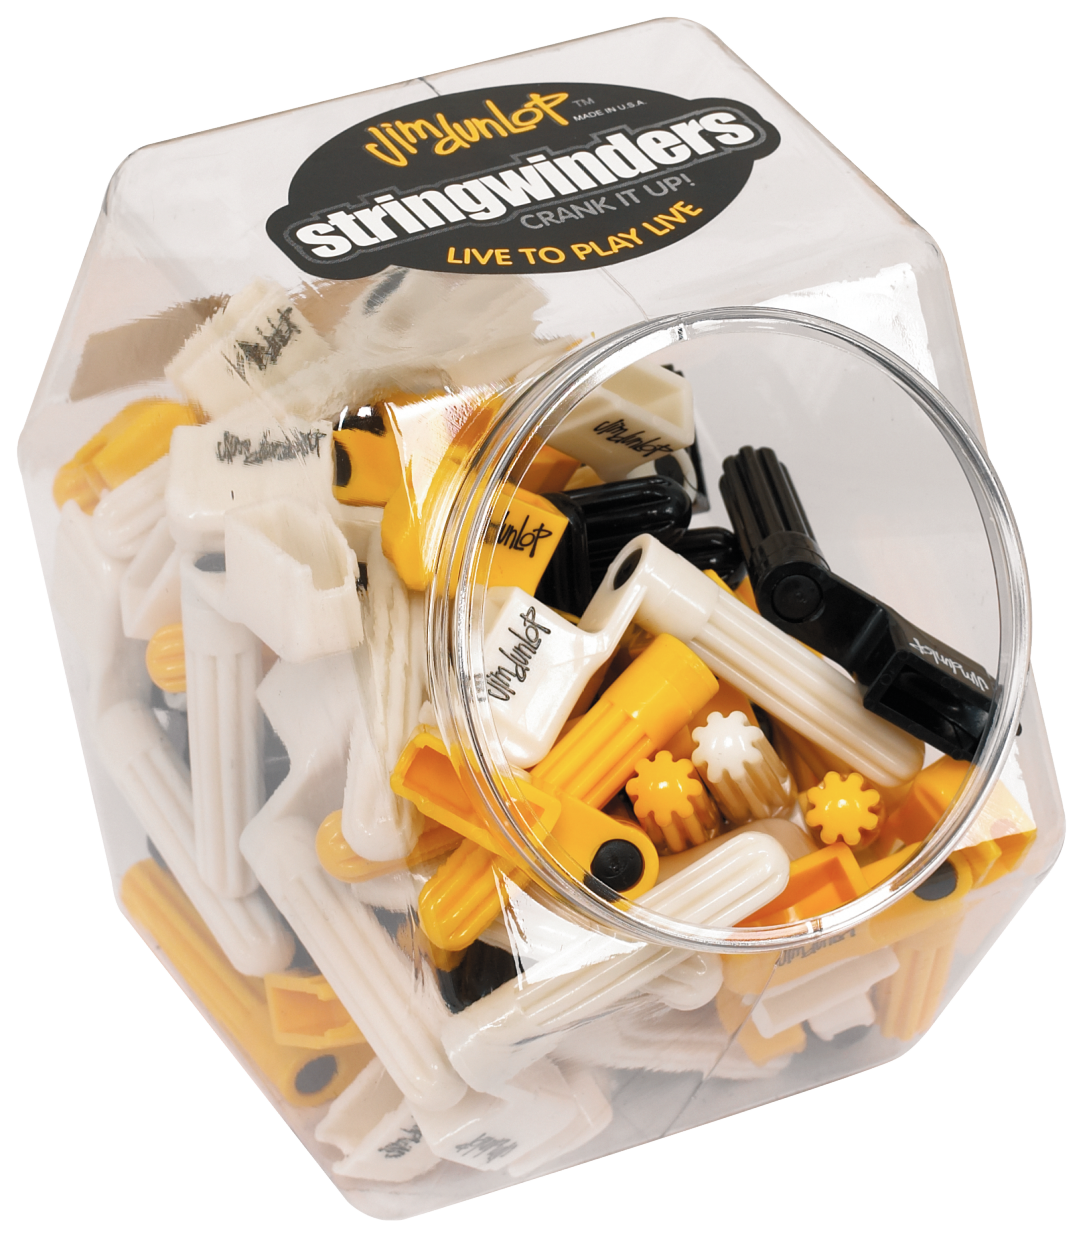 Dunlop Stringwinder